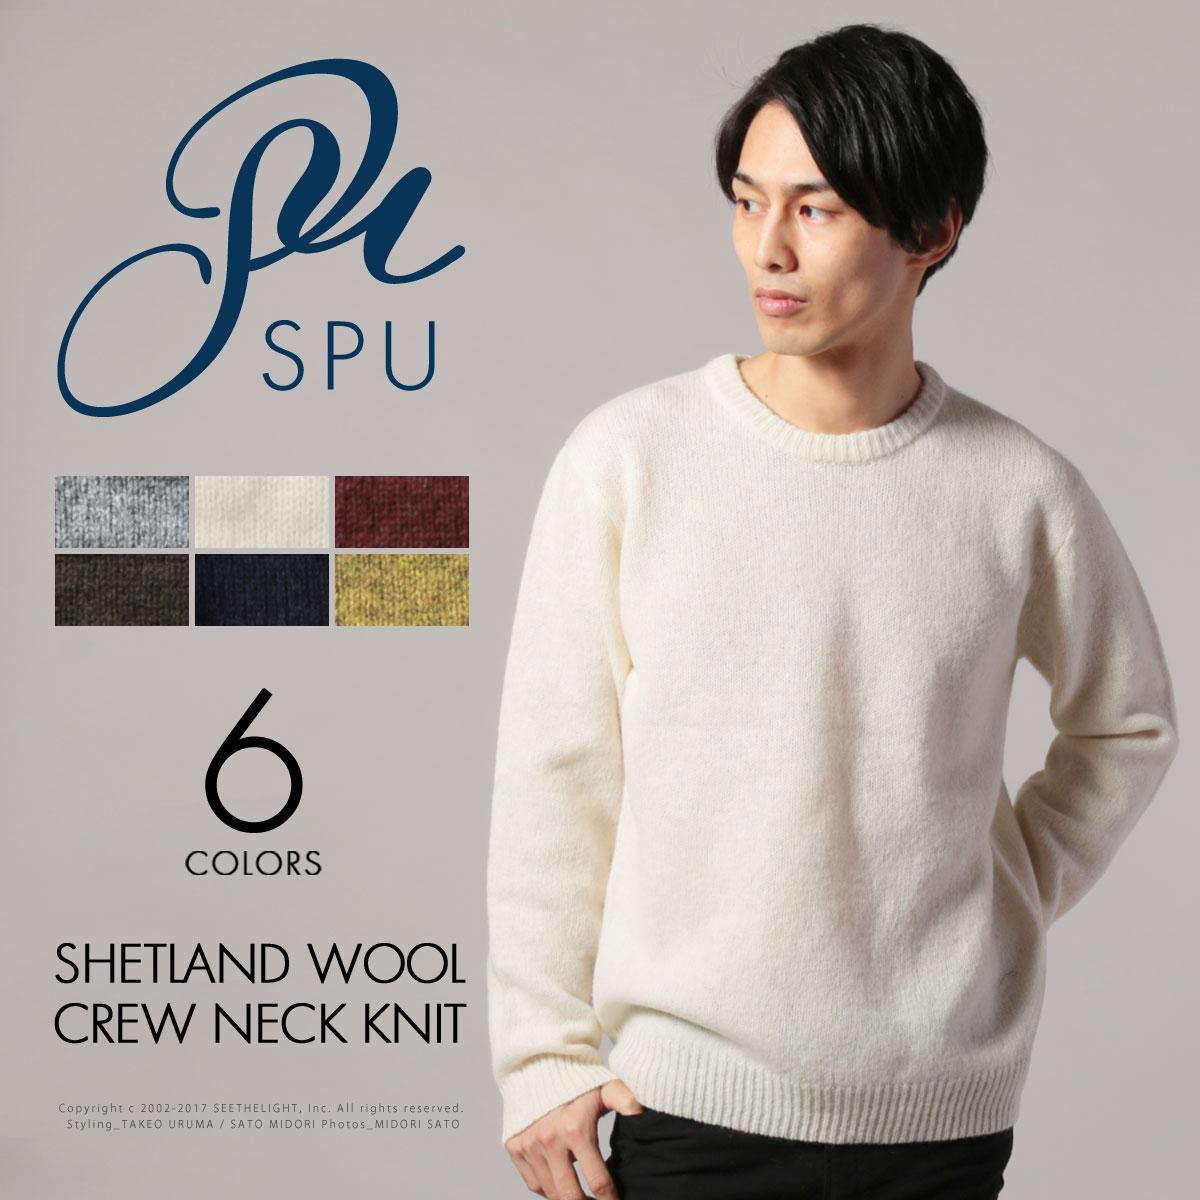 メンズ ニット メンズファッション シェットランド ウール 100% クルーネック ニット Buyer's Select バイヤーズセレクト